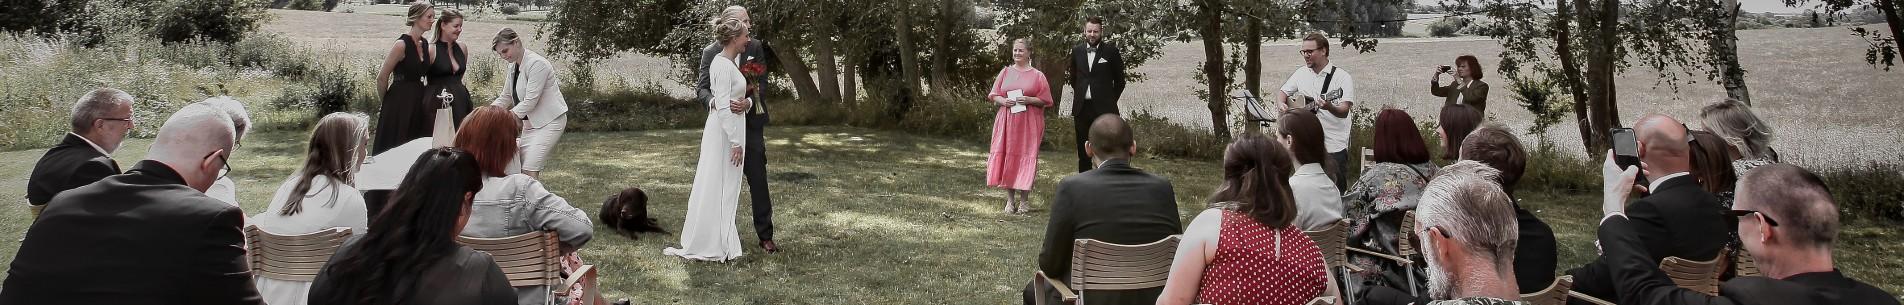 Bryllupsfotografering ved vielse af brudepar